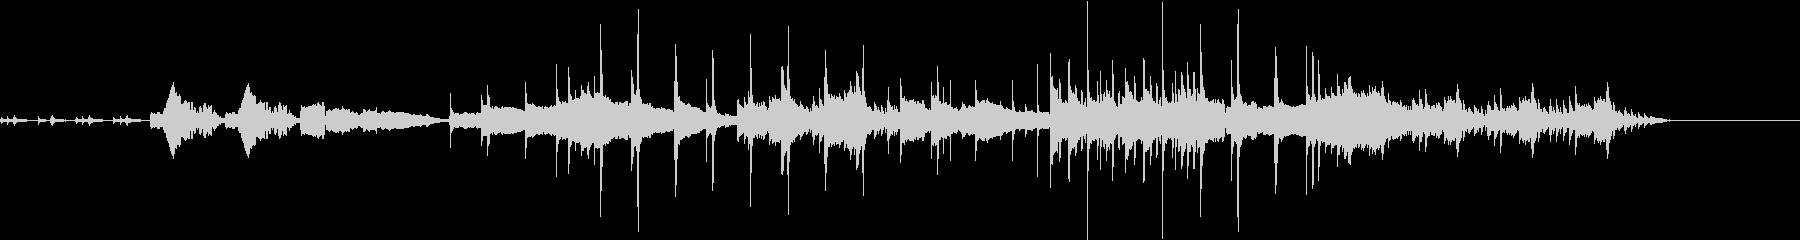 和楽器中心の3拍子の静かな曲の未再生の波形